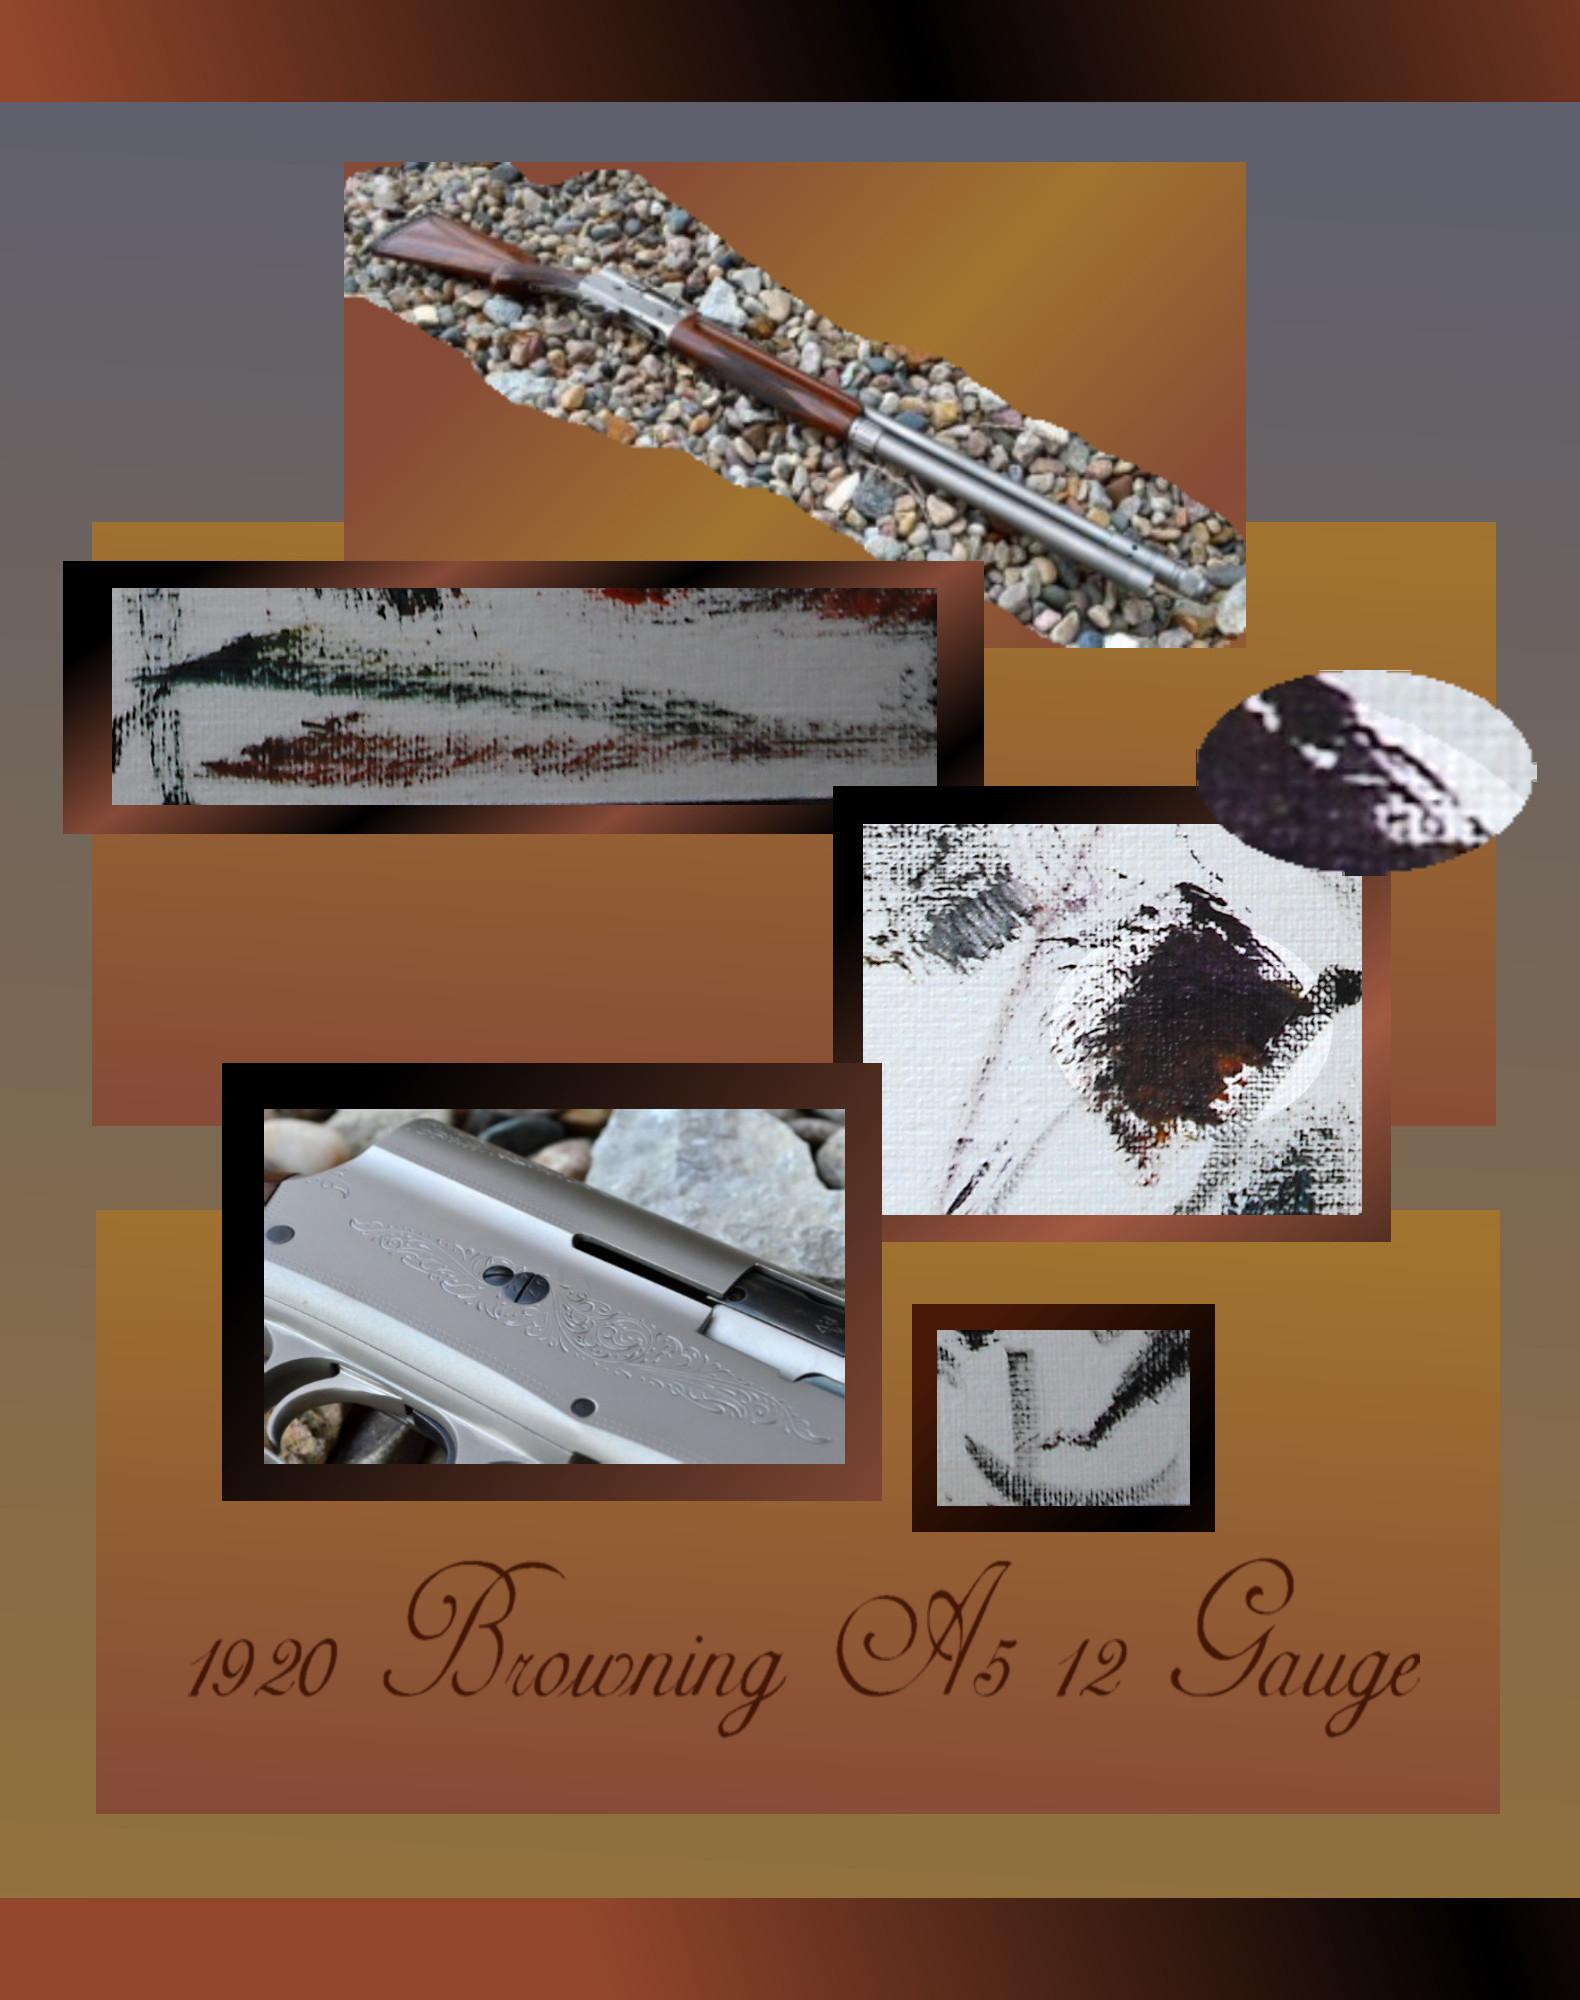 12 gauge shotgun page 2